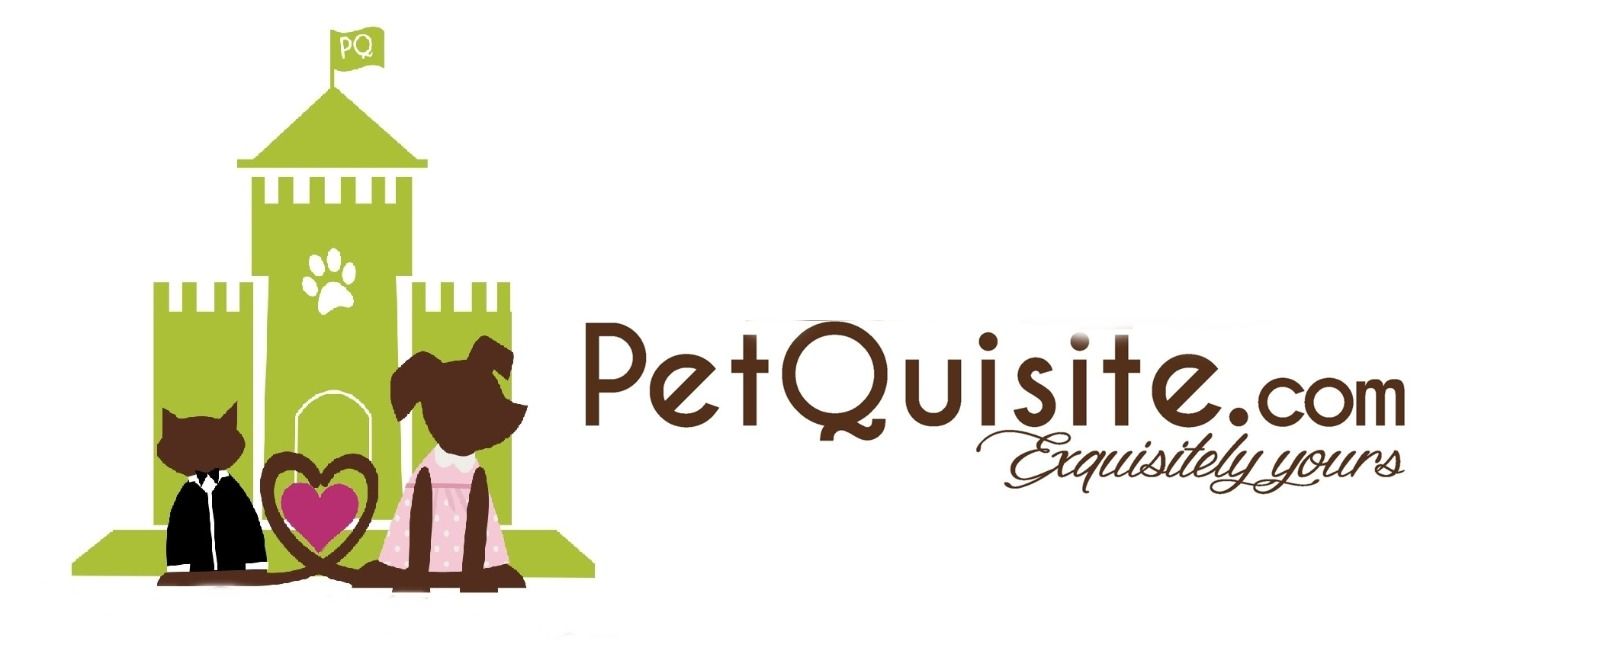 PetQuisite